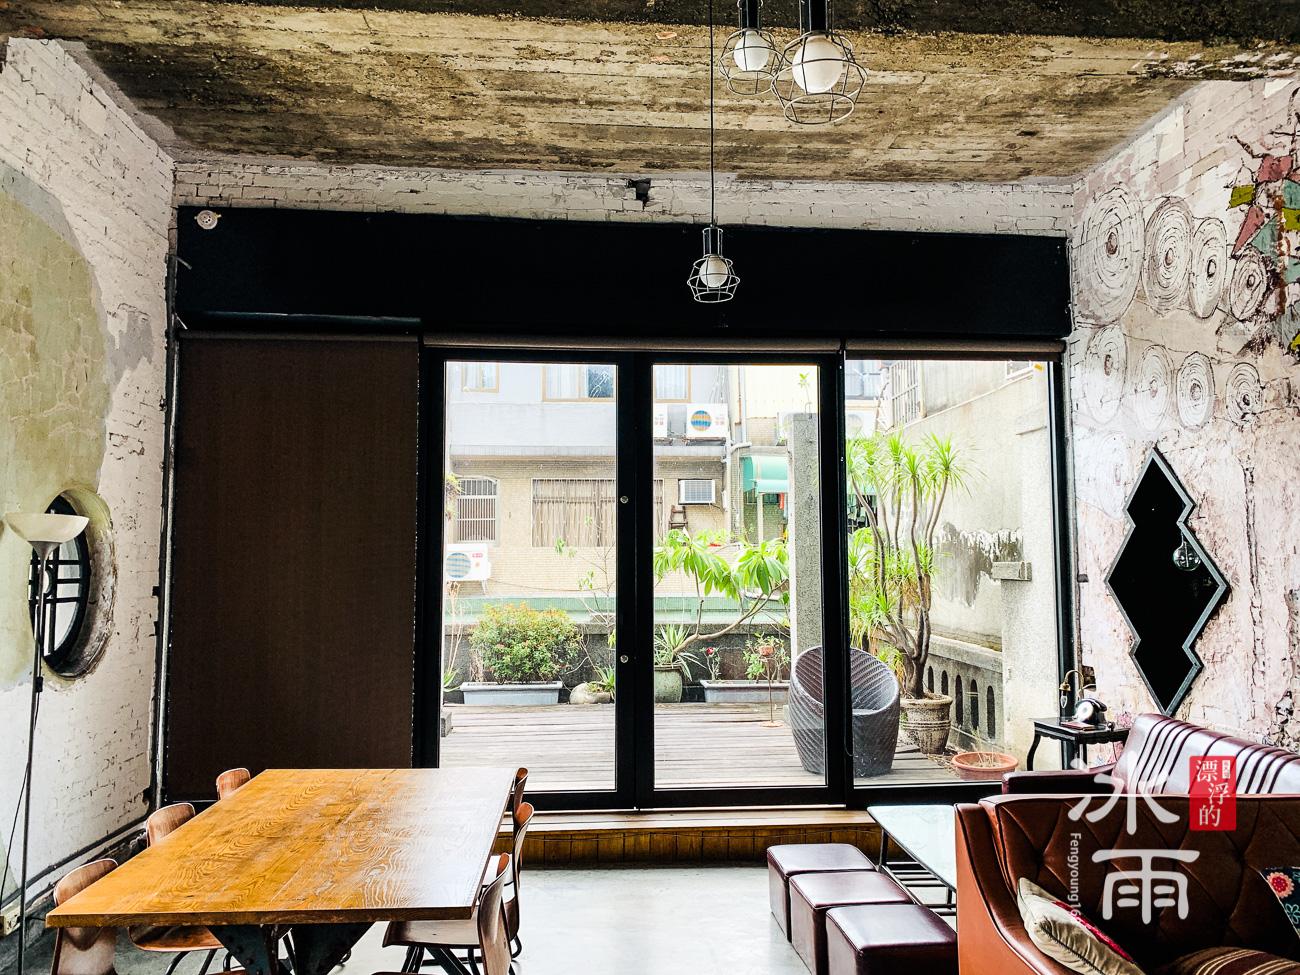 除了死板板的室內空間之外,又保留了外陽台的綠意